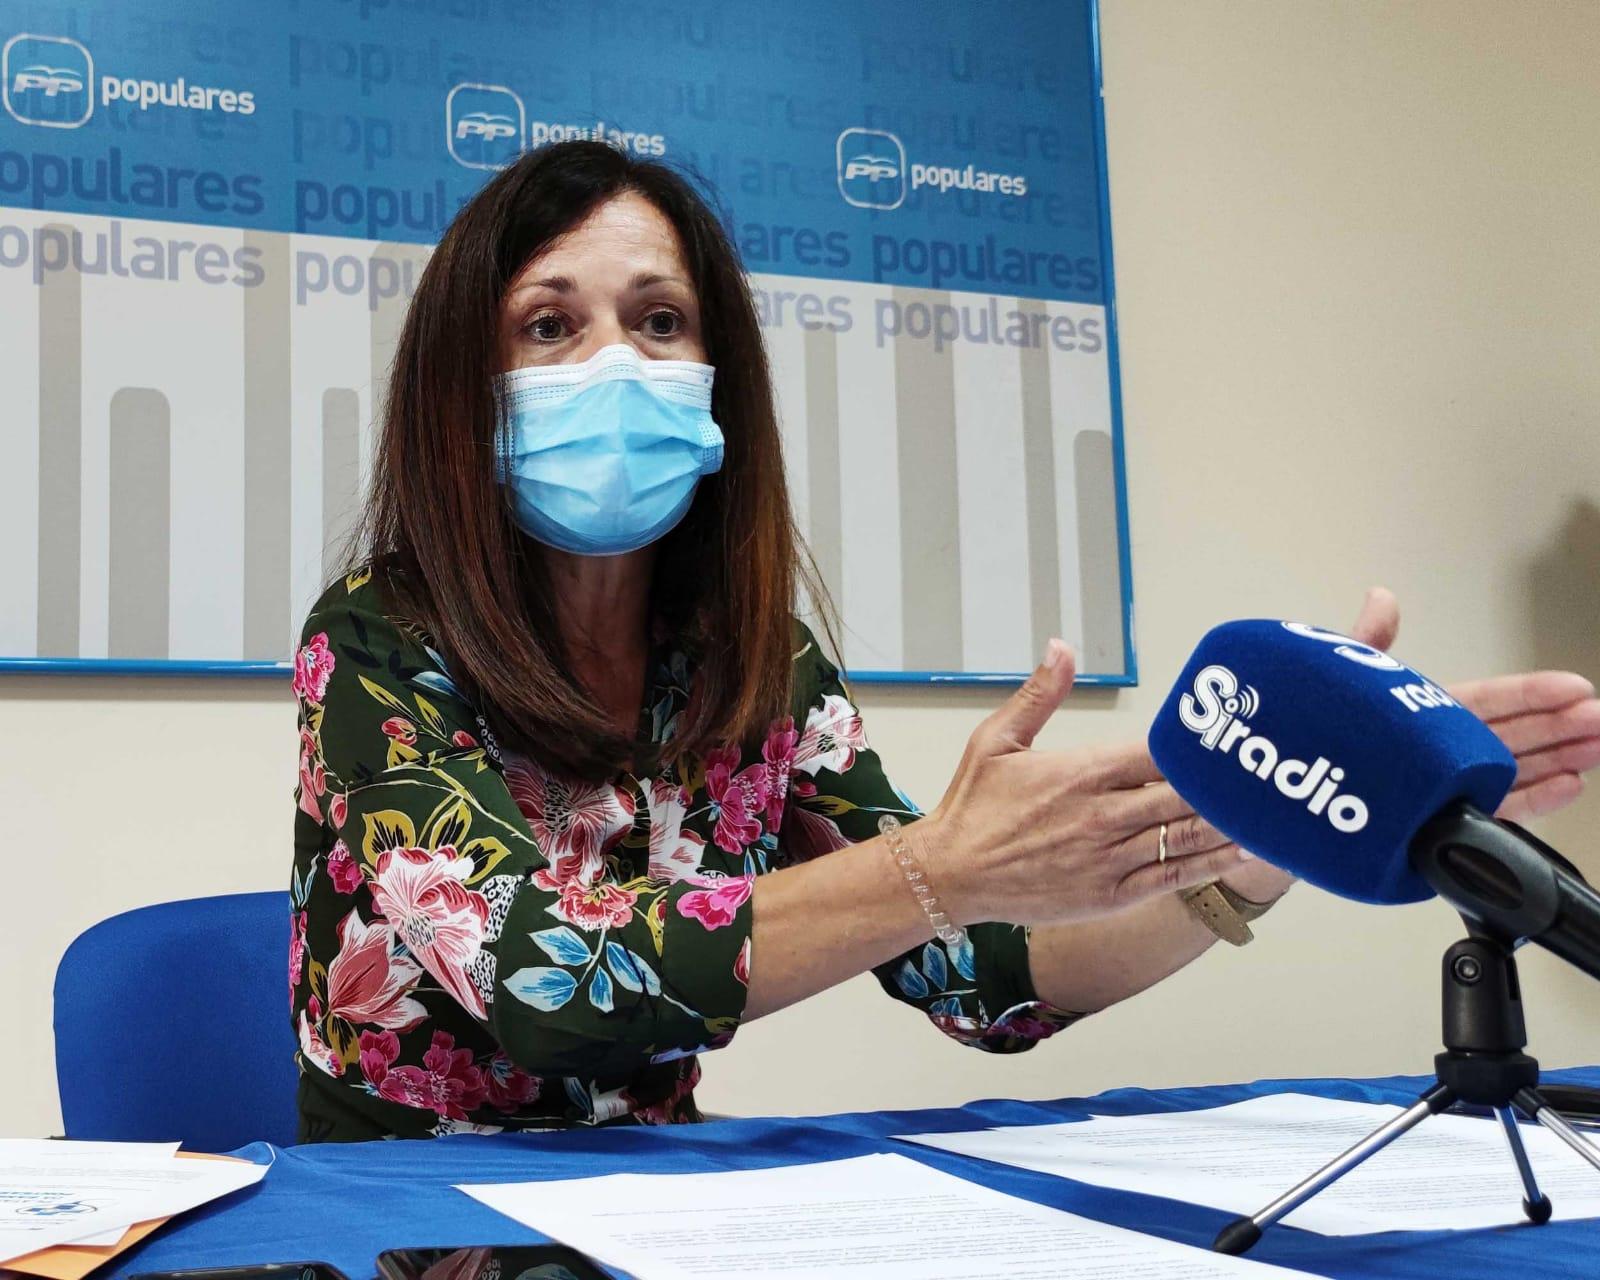 O PP SOLICITA Á ALCALDESA DE PONTEAREAS QUE PIDA DESCULPAS PÚBLICAS POR XERAR UNHA ALARMA SOCIAL CON INFORMACIÓN FALSA